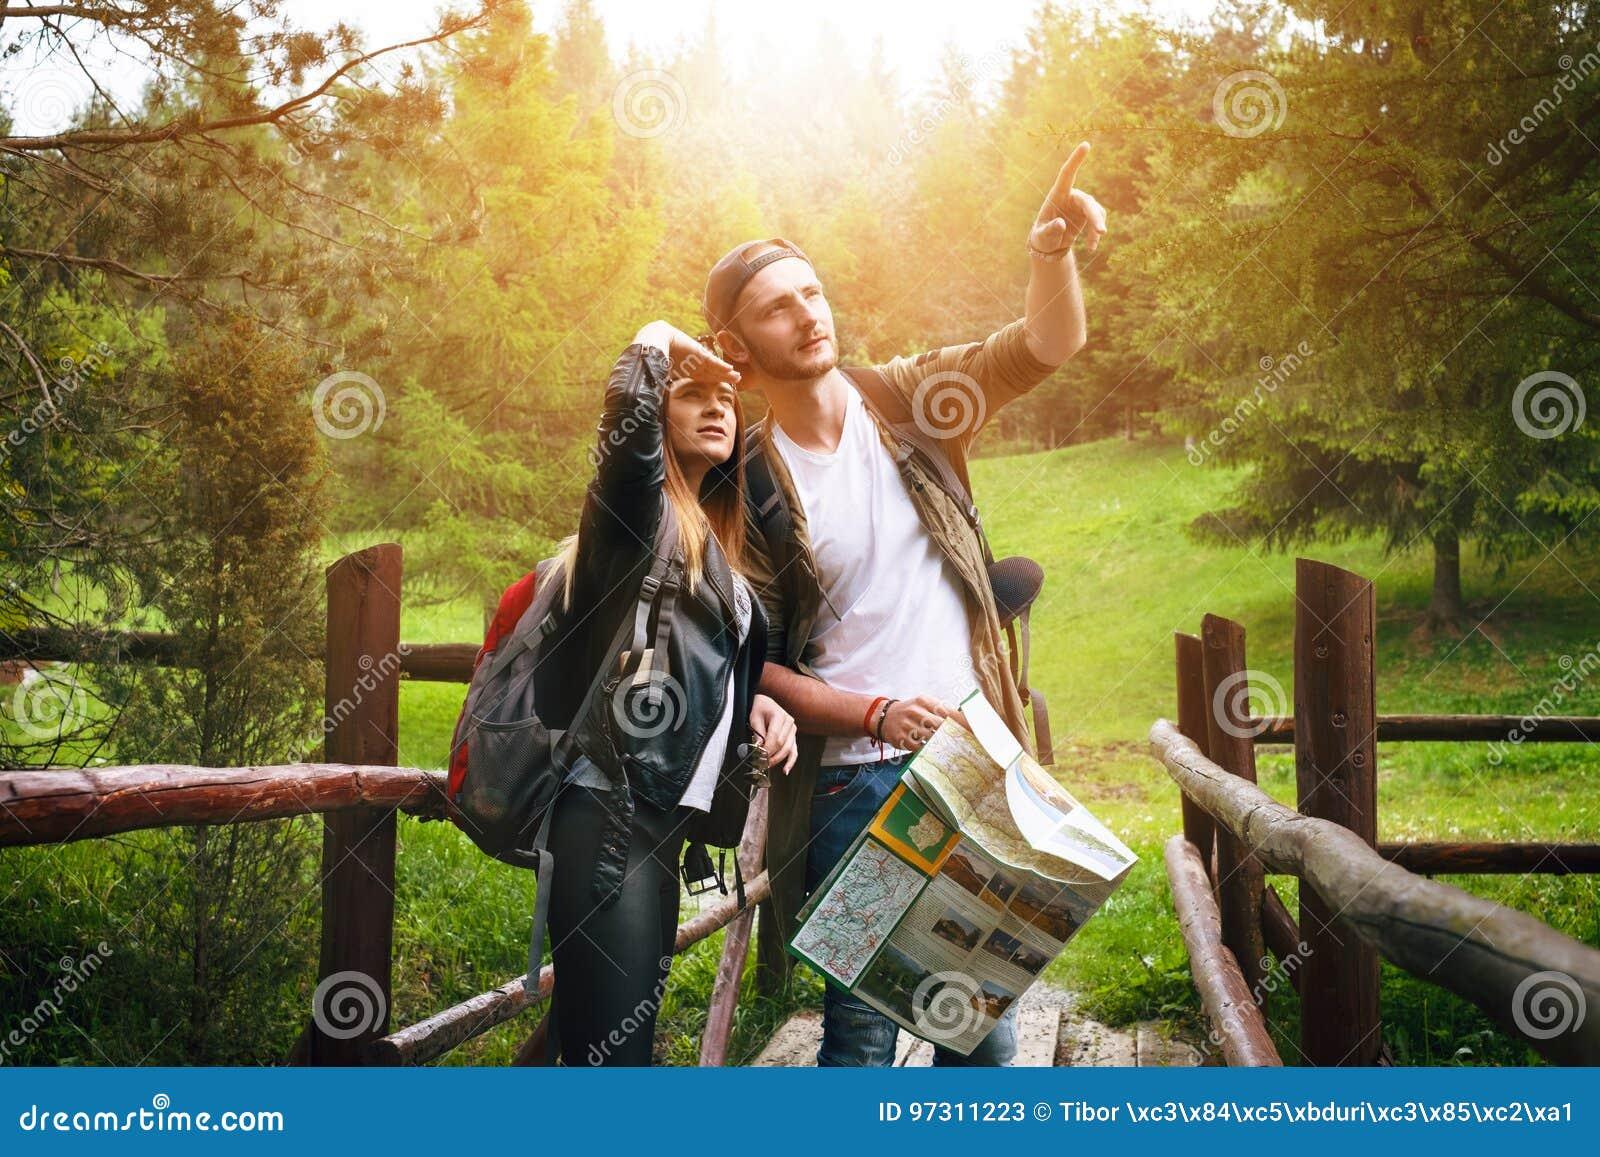 Молодые пары путешествуя в природе счастливые люди Образ жизни перемещения